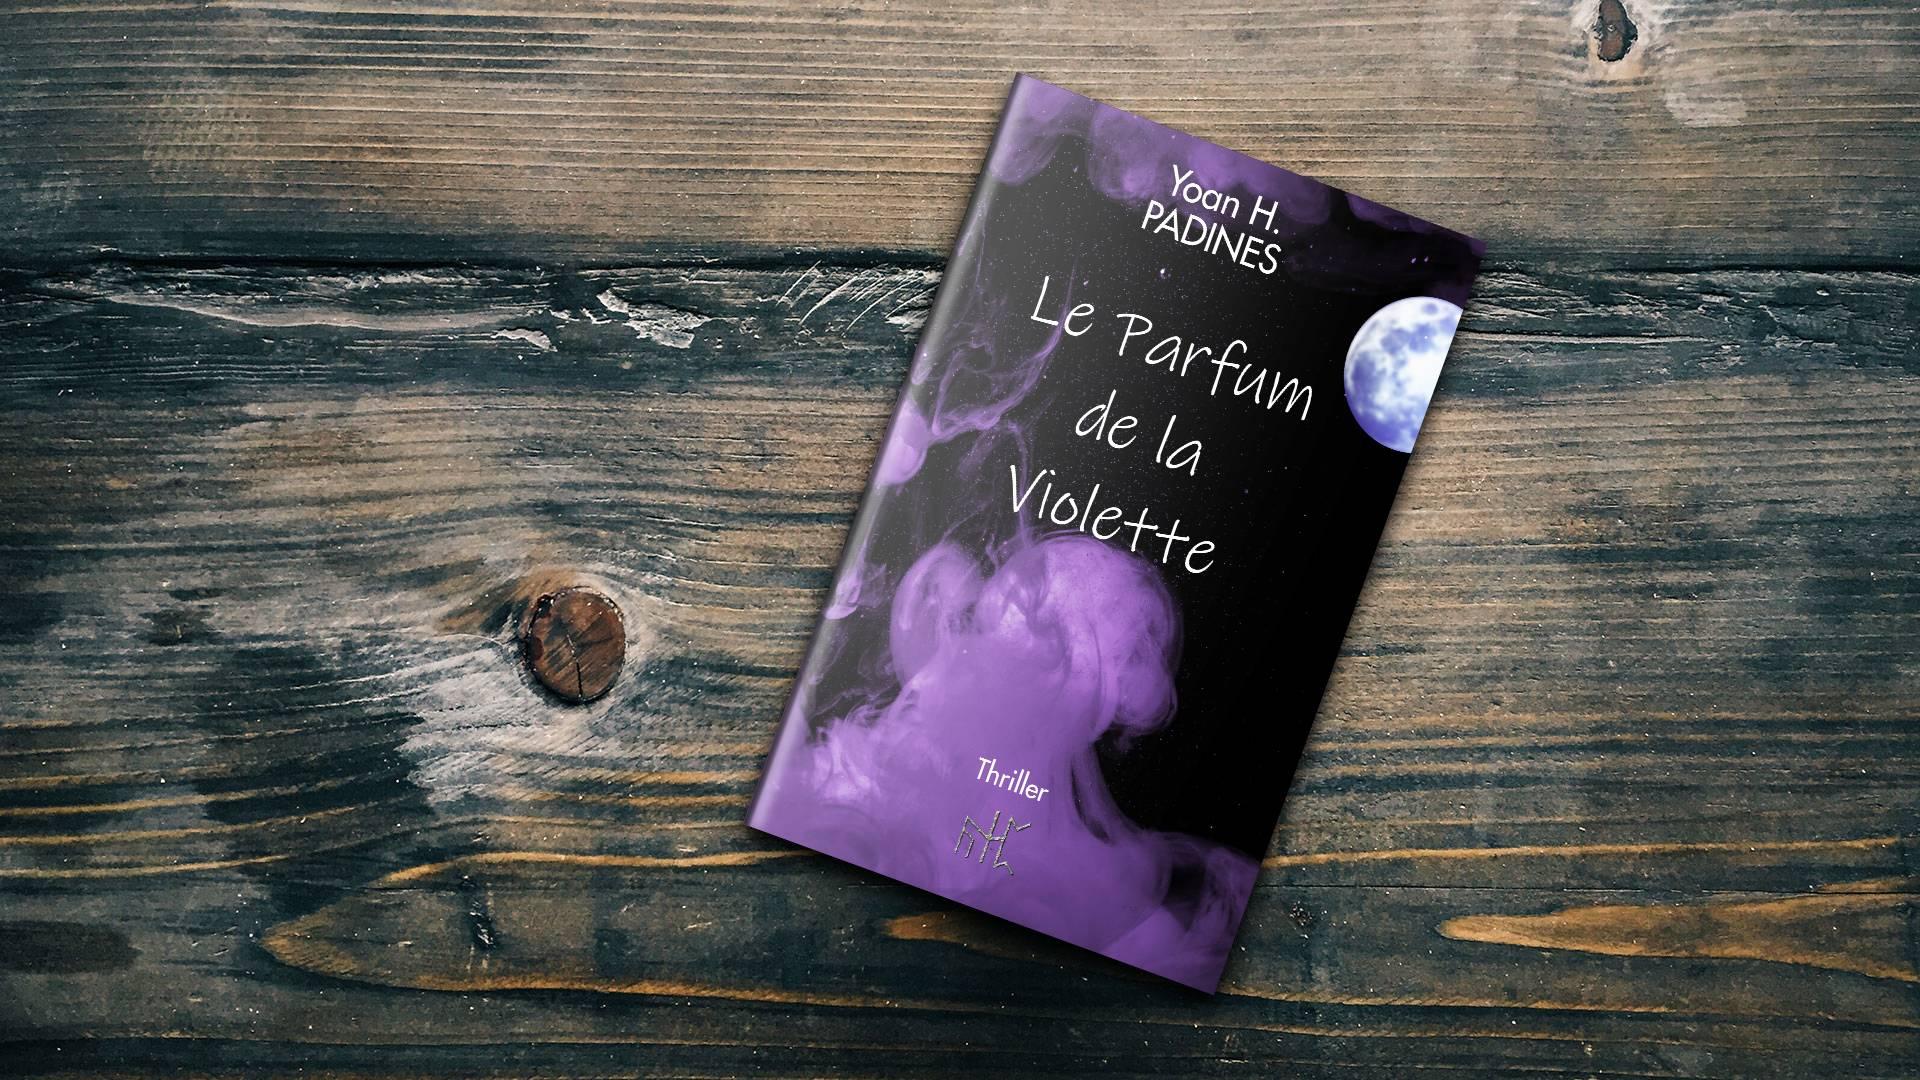 thiller le parfum de la violette yoan h padines